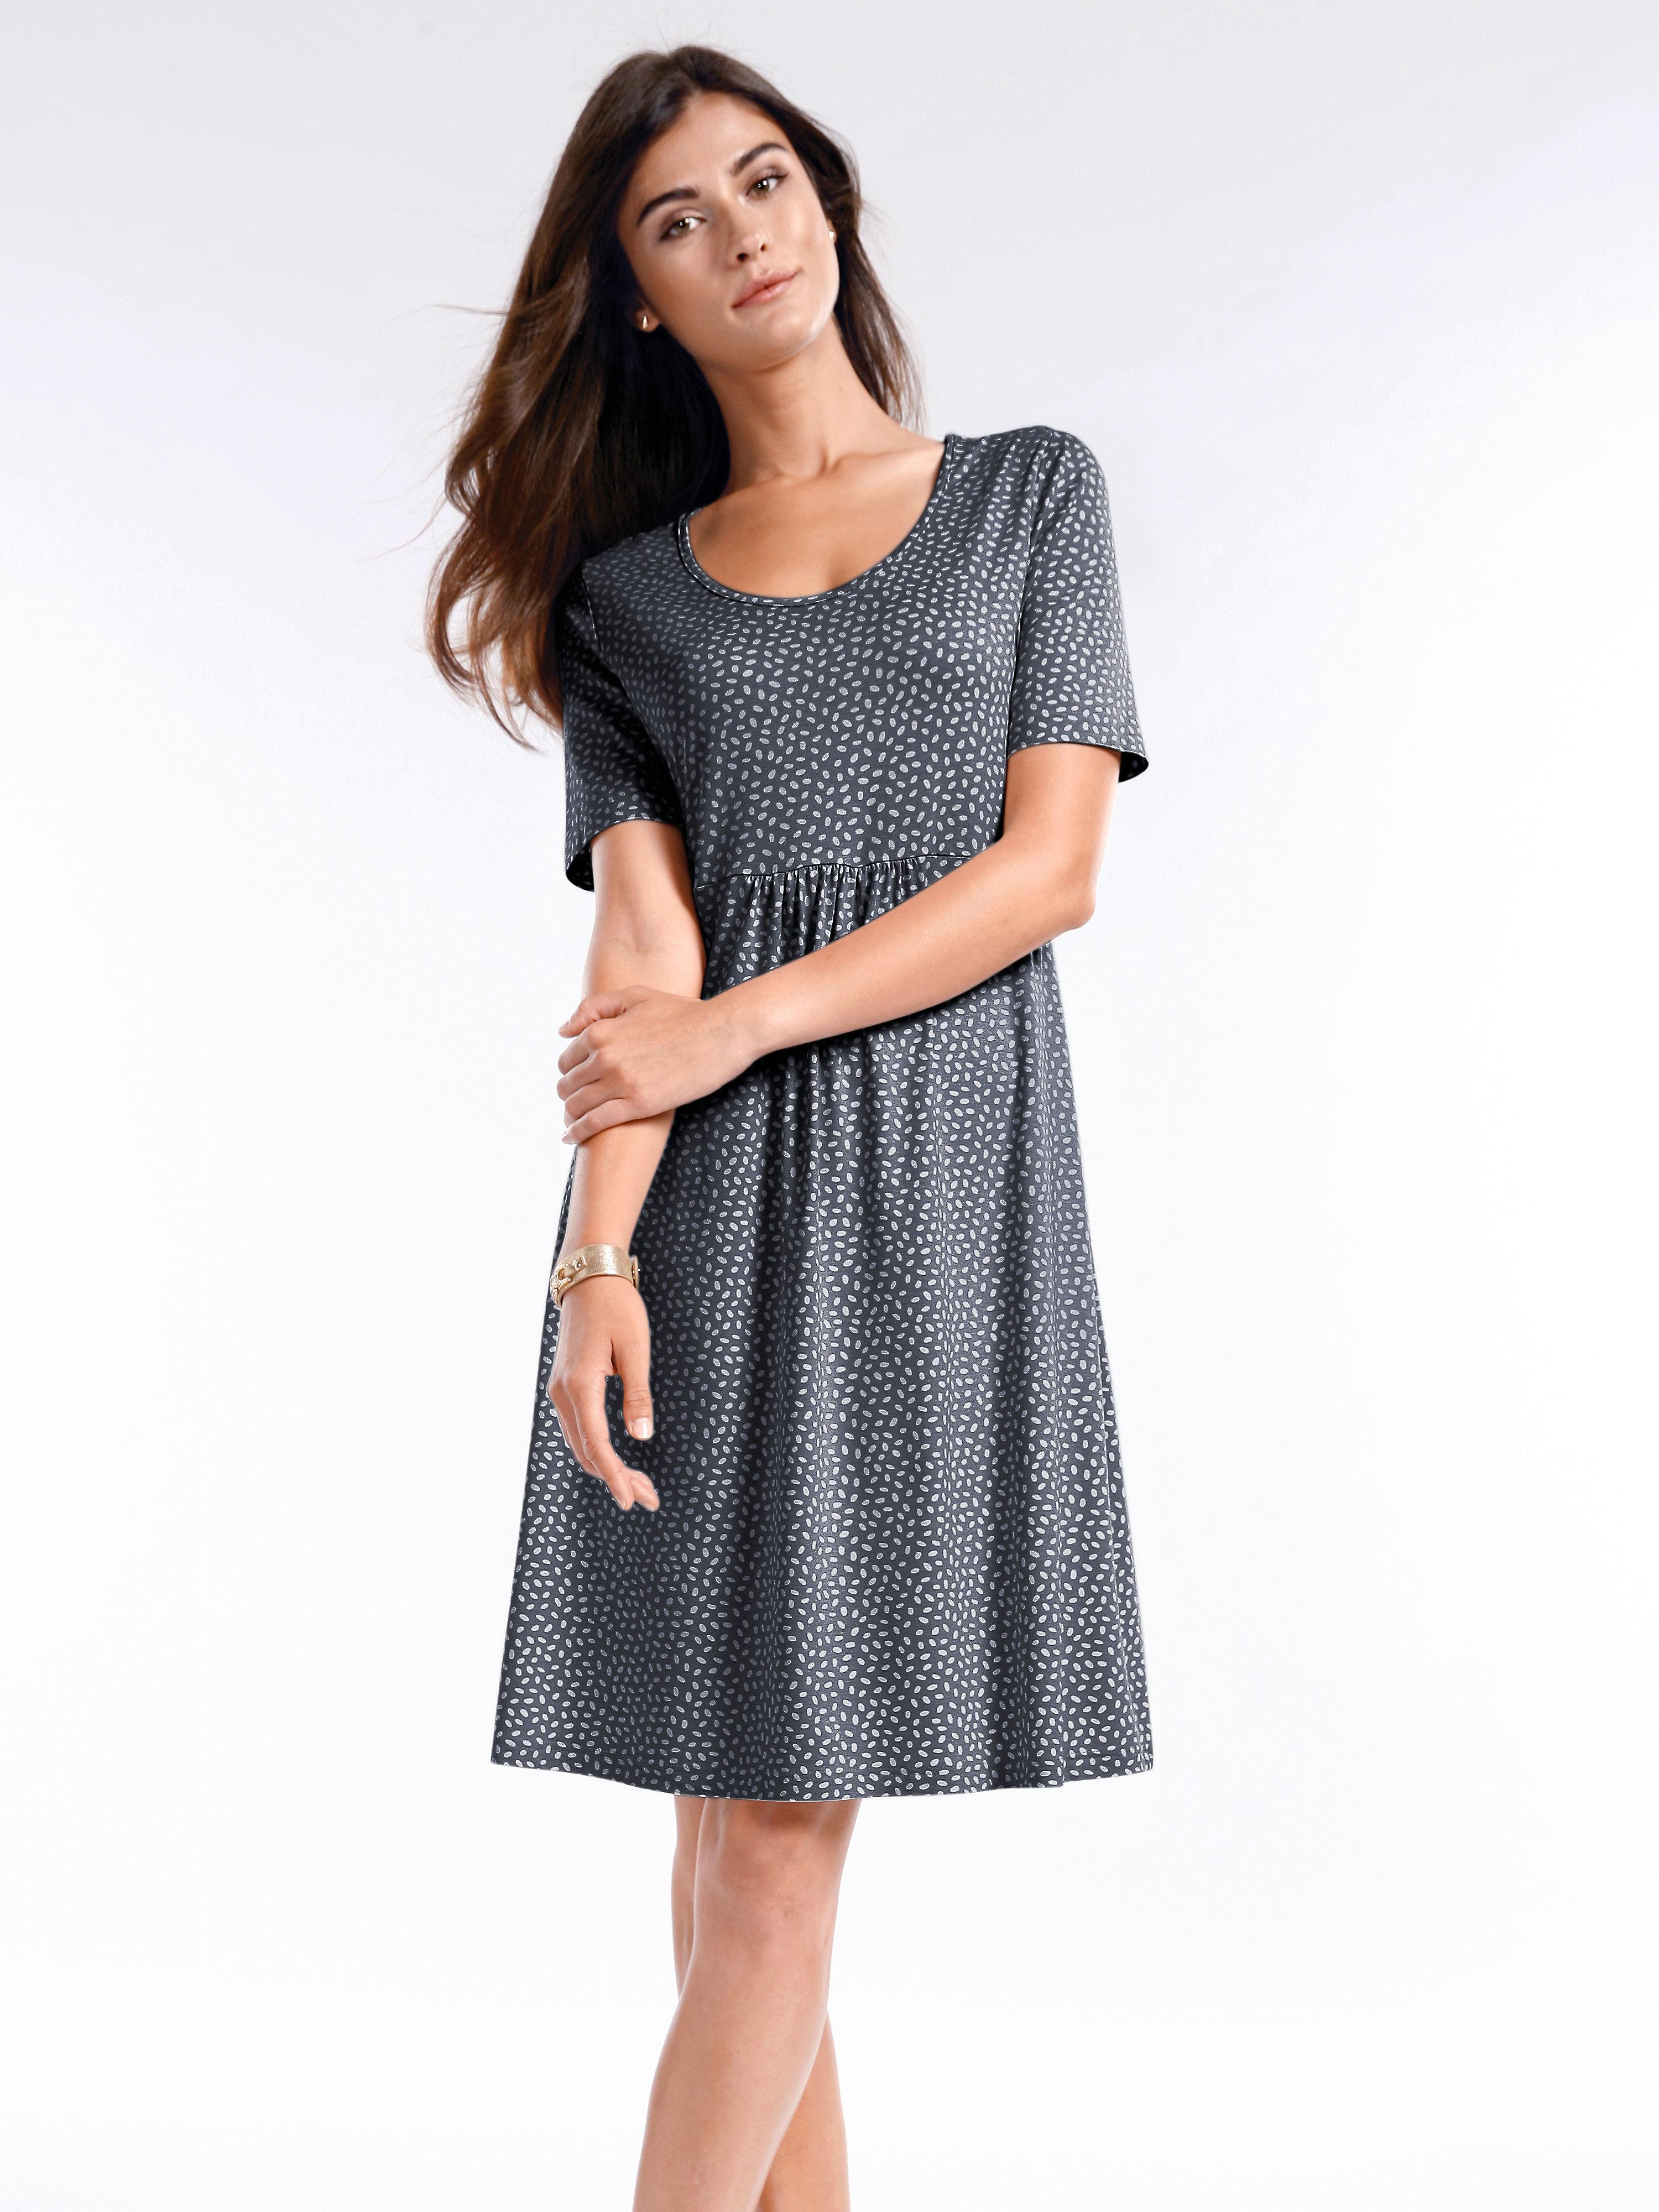 Damen Alles zu Kleider online günstig kaufen über shop24.at | shop24